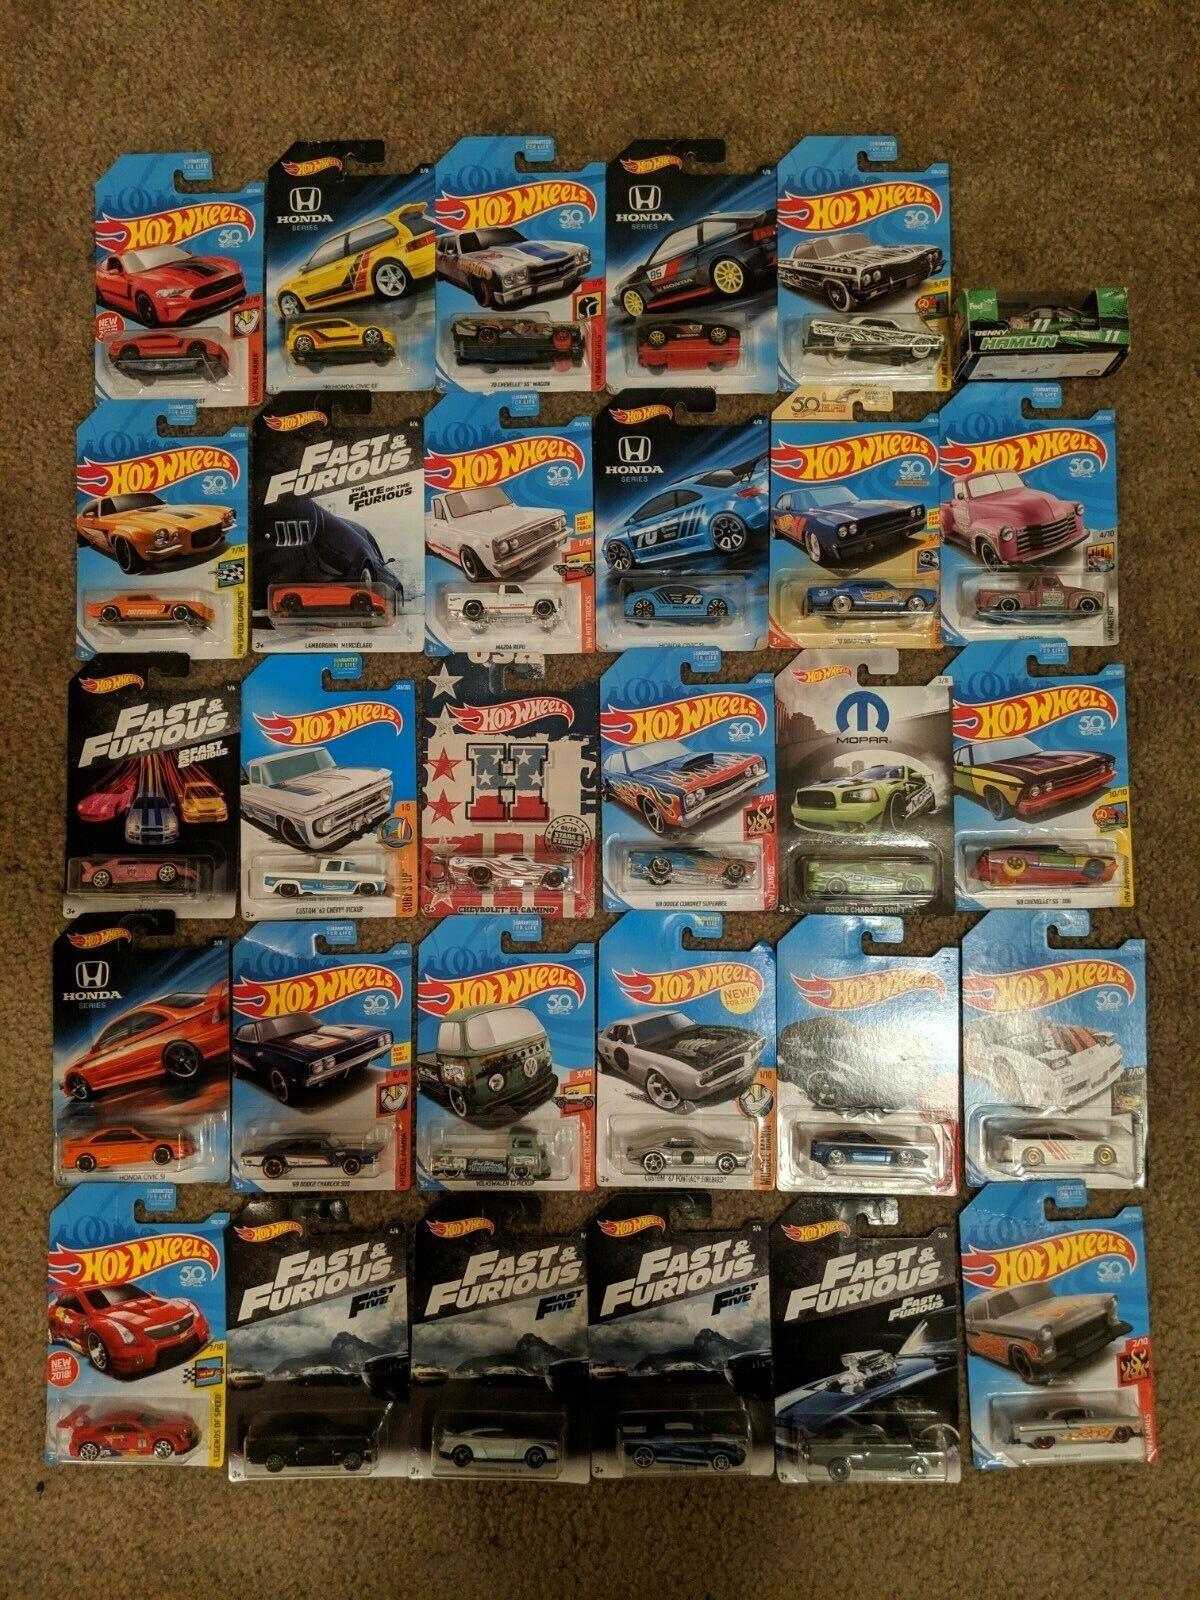 Hot Wheels de Mattel Lote Mixto Colección 30 rápido y el furioso Honda Series Y +